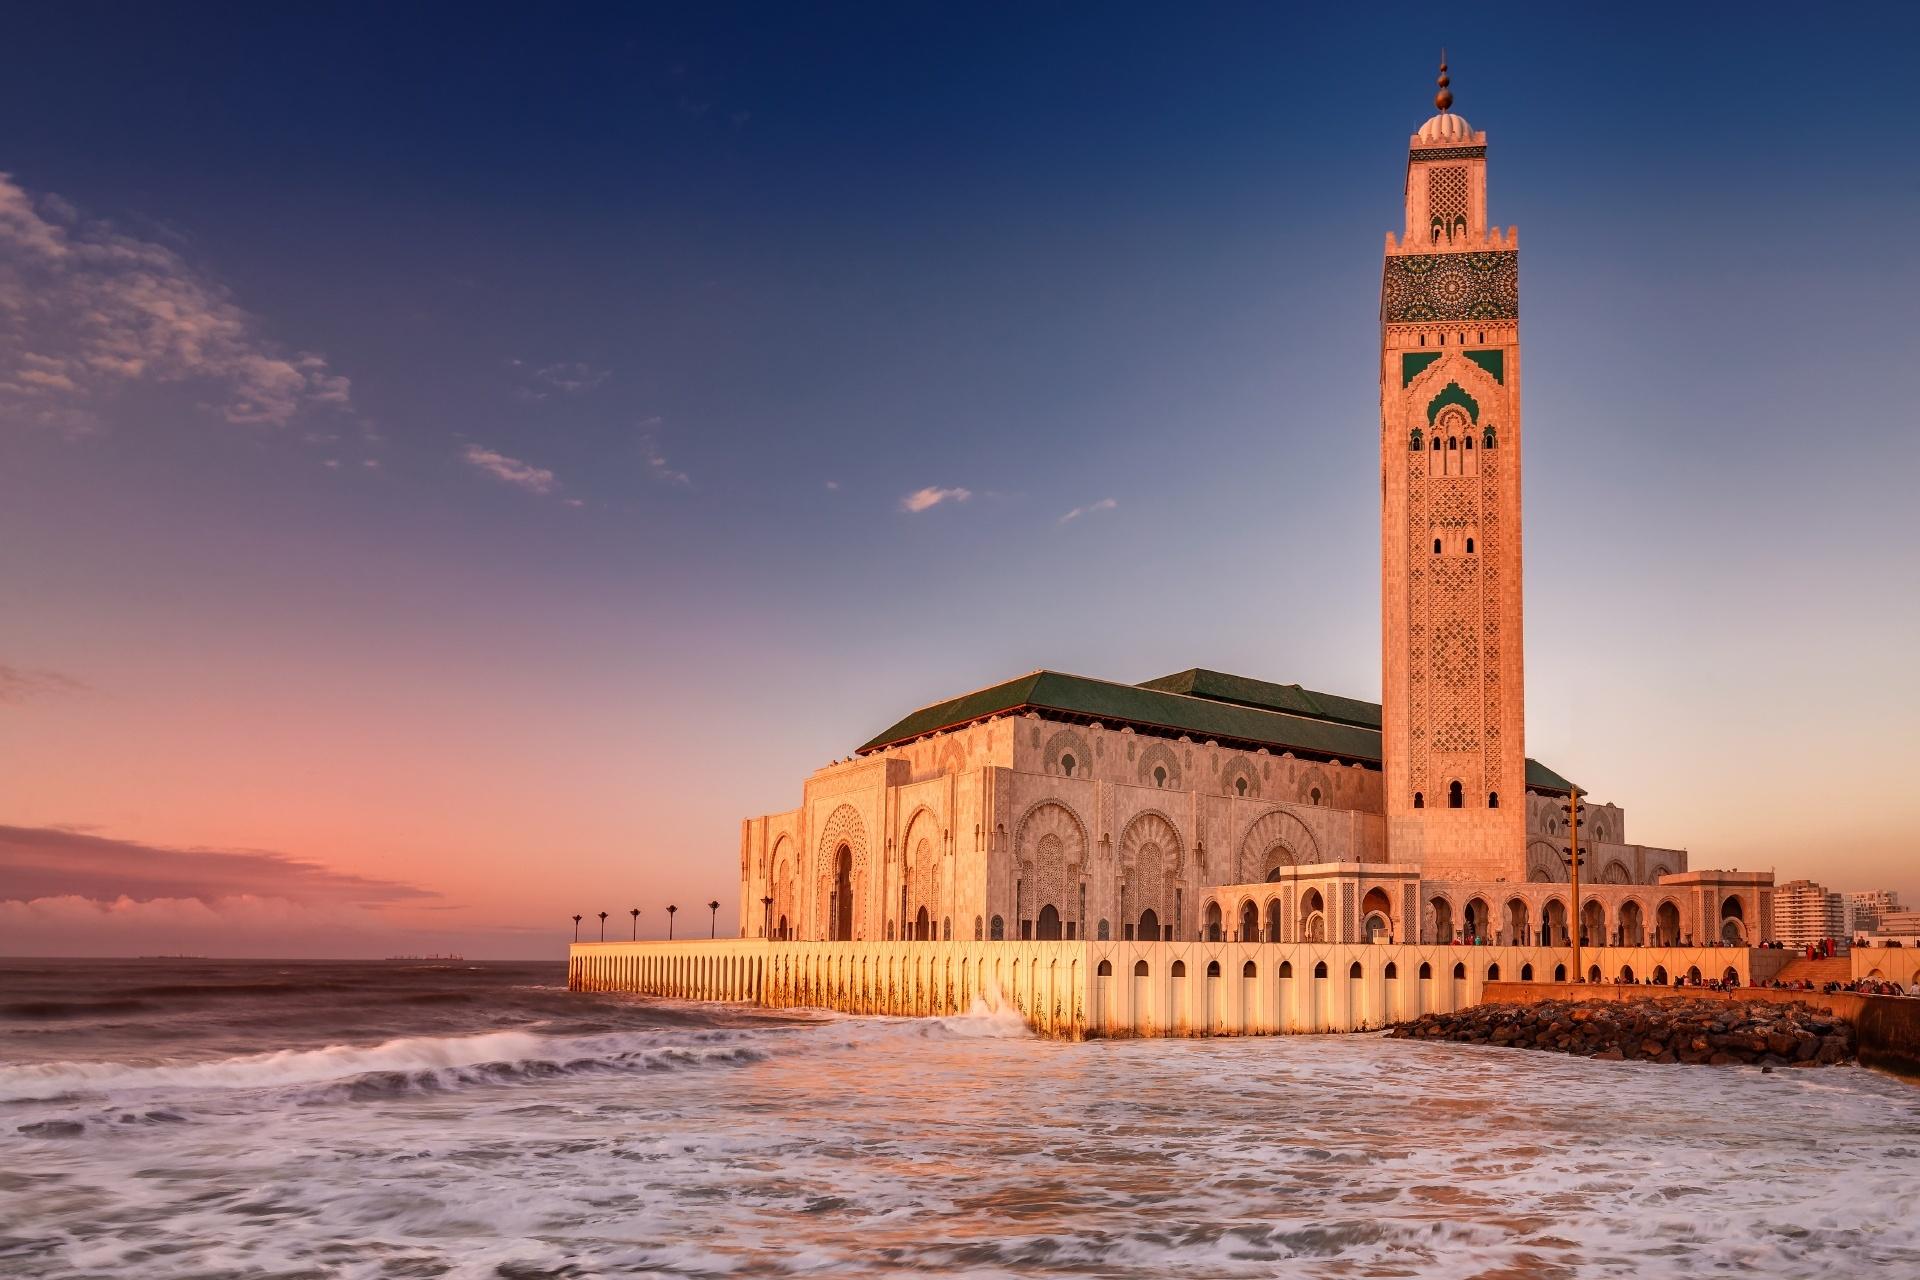 カサブランカのハッサン2世モスク 夕暮れのモロッコ